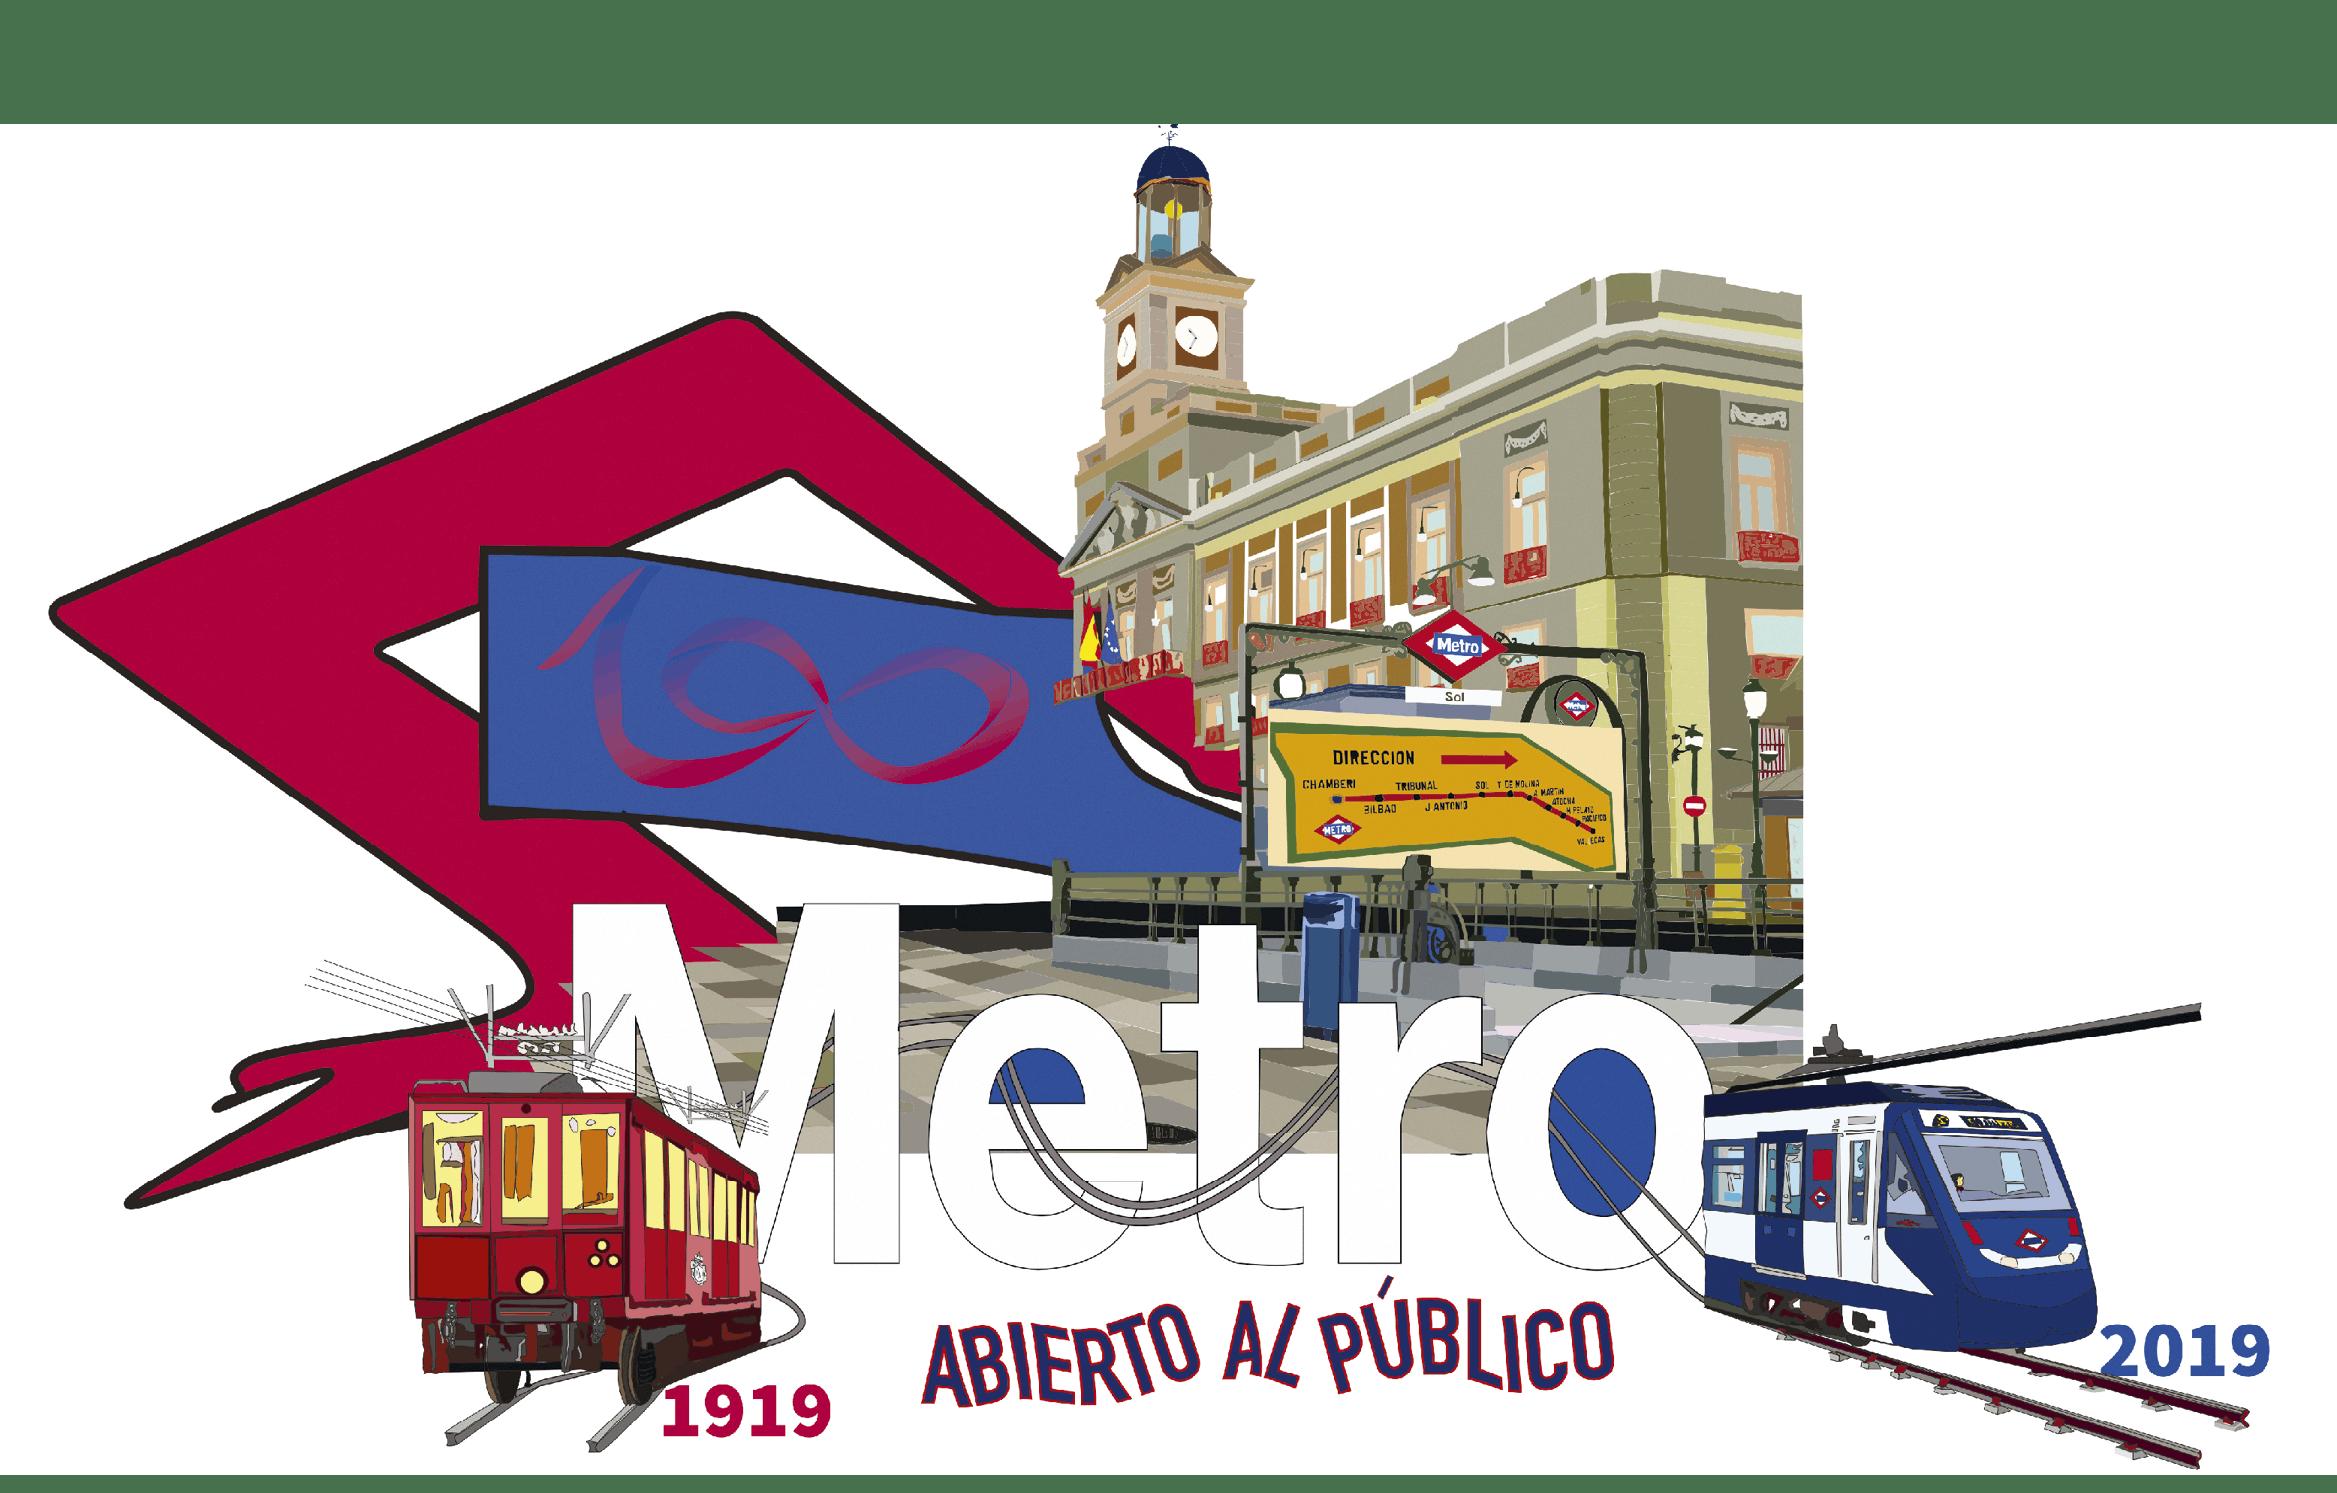 César Lap, ilustración para el centenario del metro de Madrid, 2019.